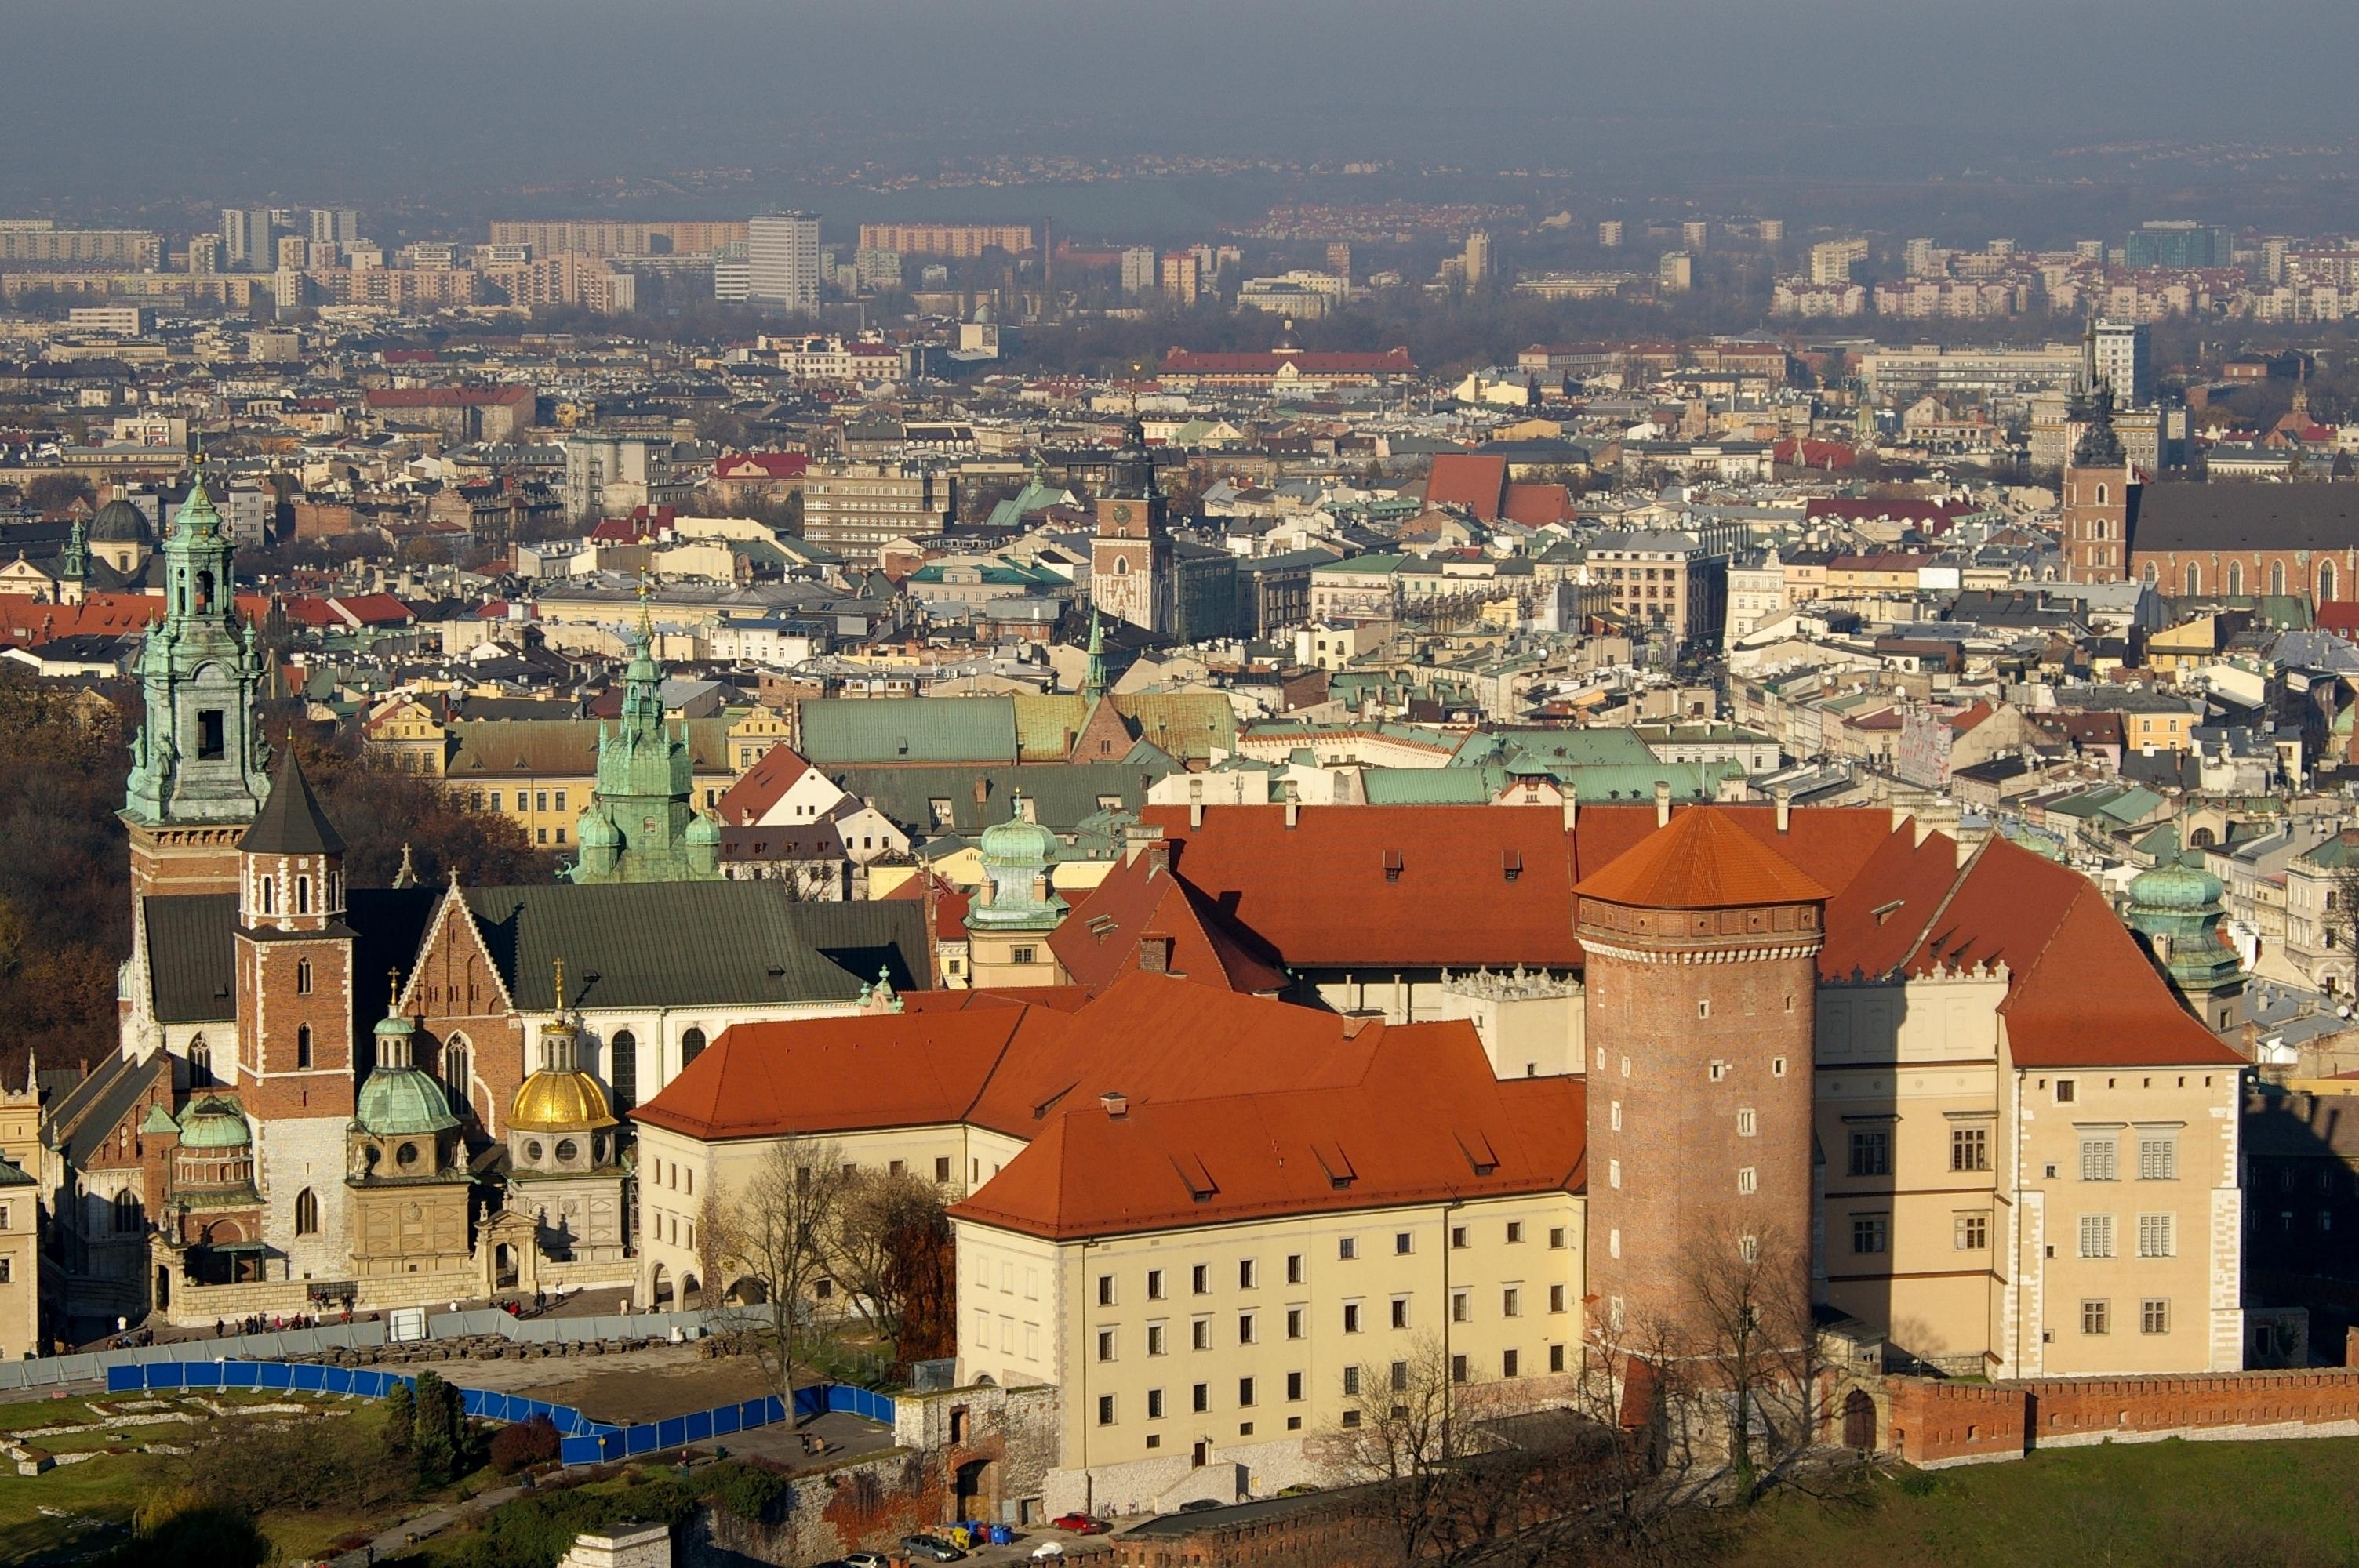 File:20091114 Krakow Wawel 7770.jpg - Wikimedia Commons